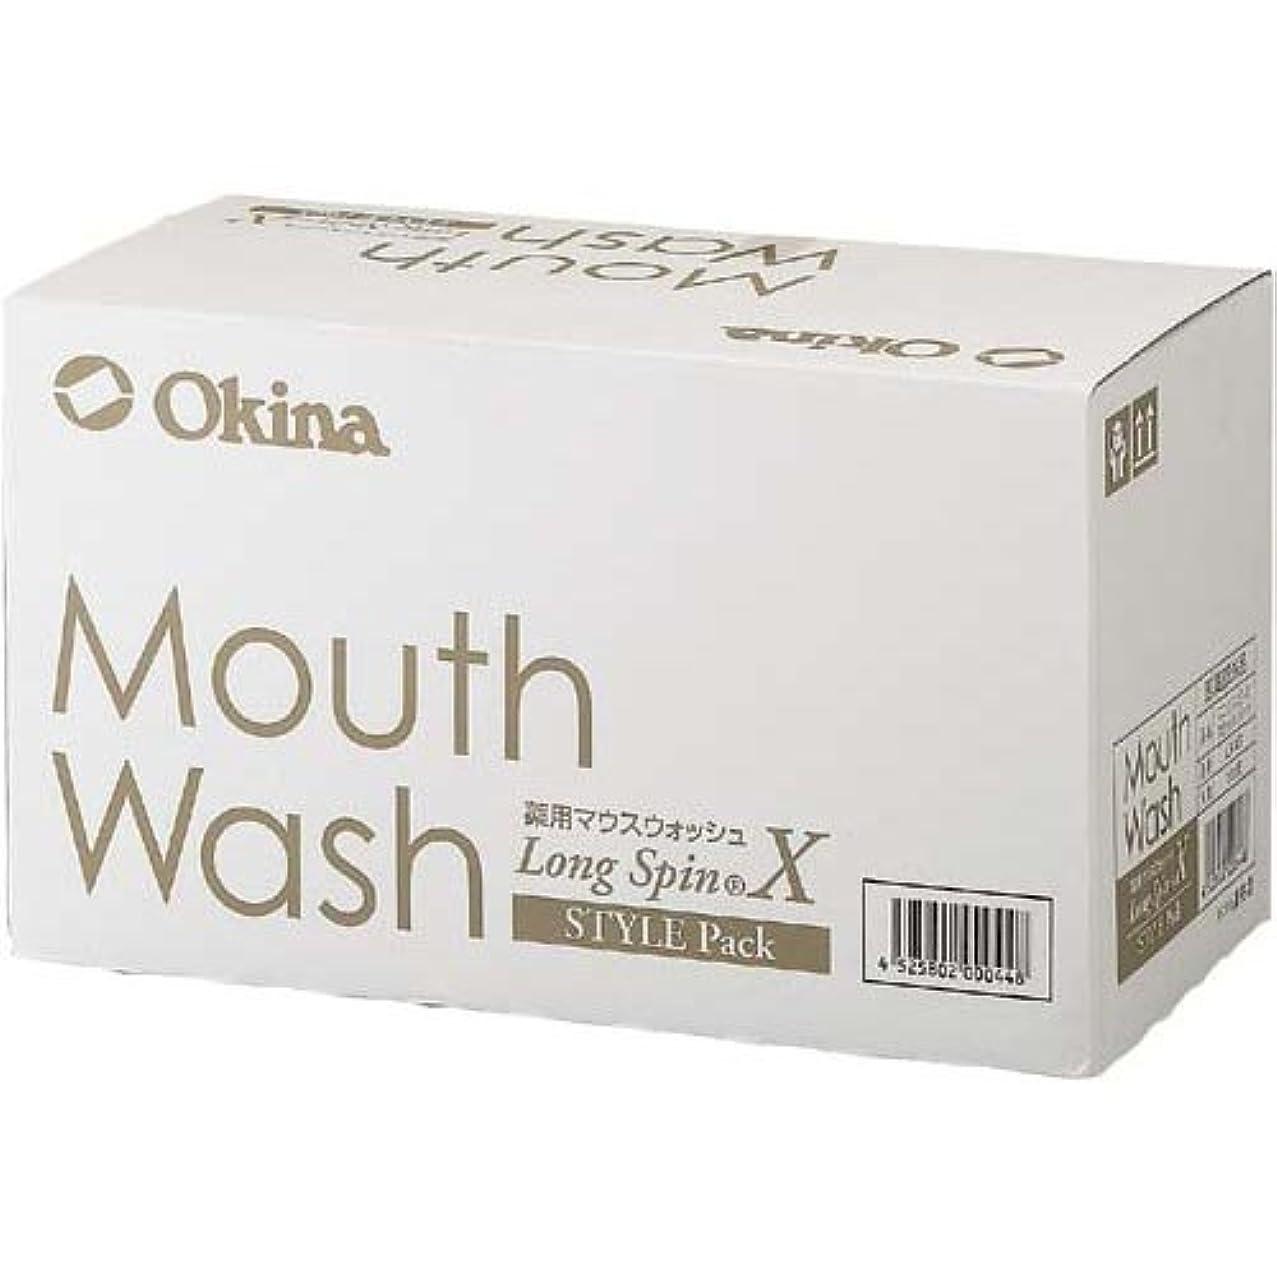 適度に適合しました不条理オキナ 薬用 マウスウォッシュ ロングスピン スタイルパック ミント 100個入